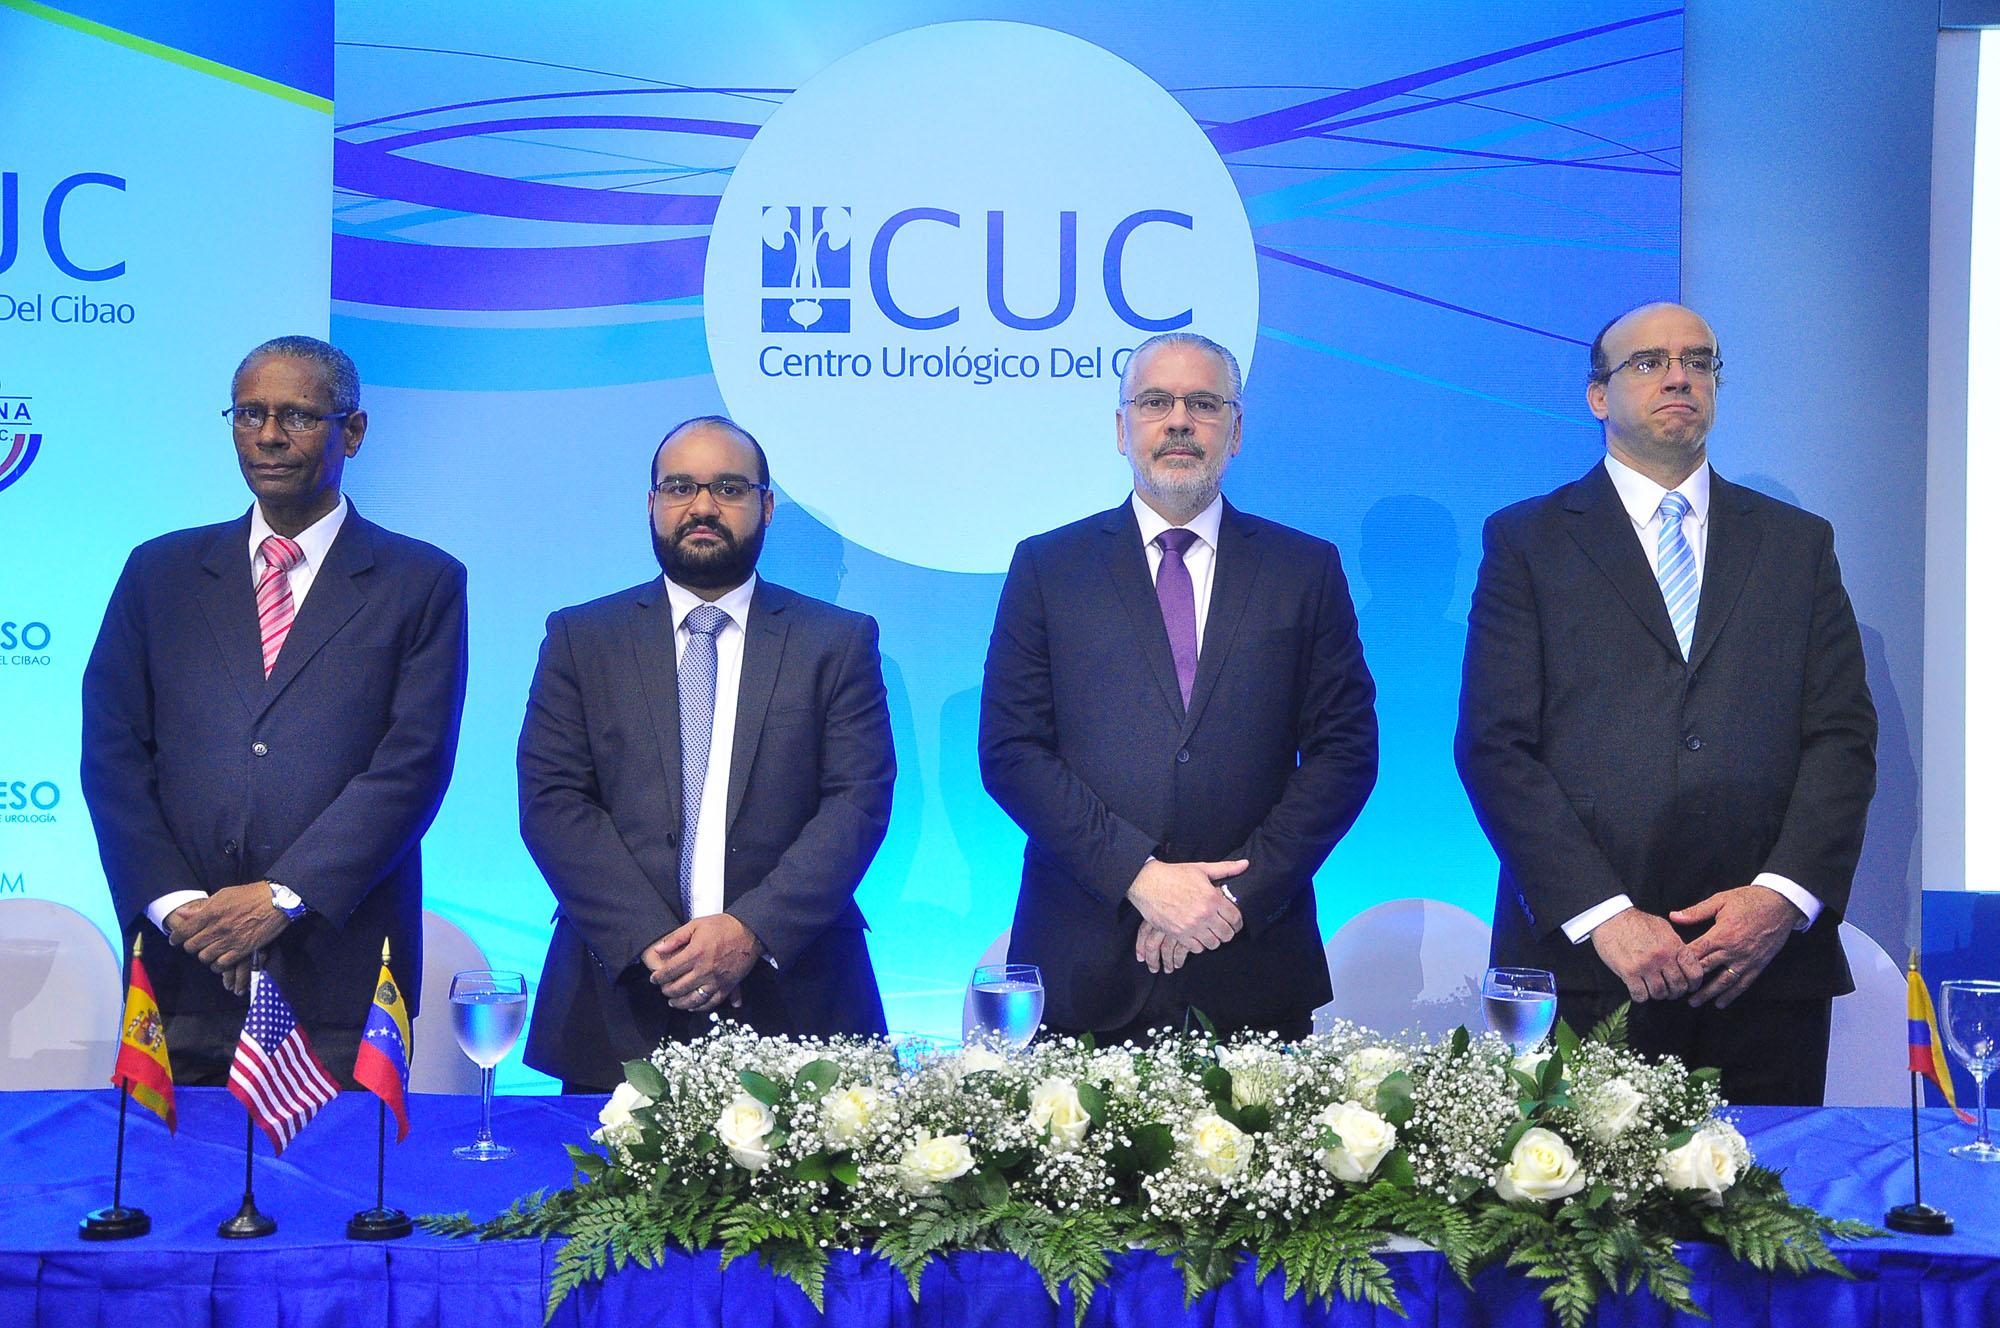 Pedro Juan Castillo, Miguel Sánchez Caba, José Lorenzo López Pellerano y Fernando Secin.